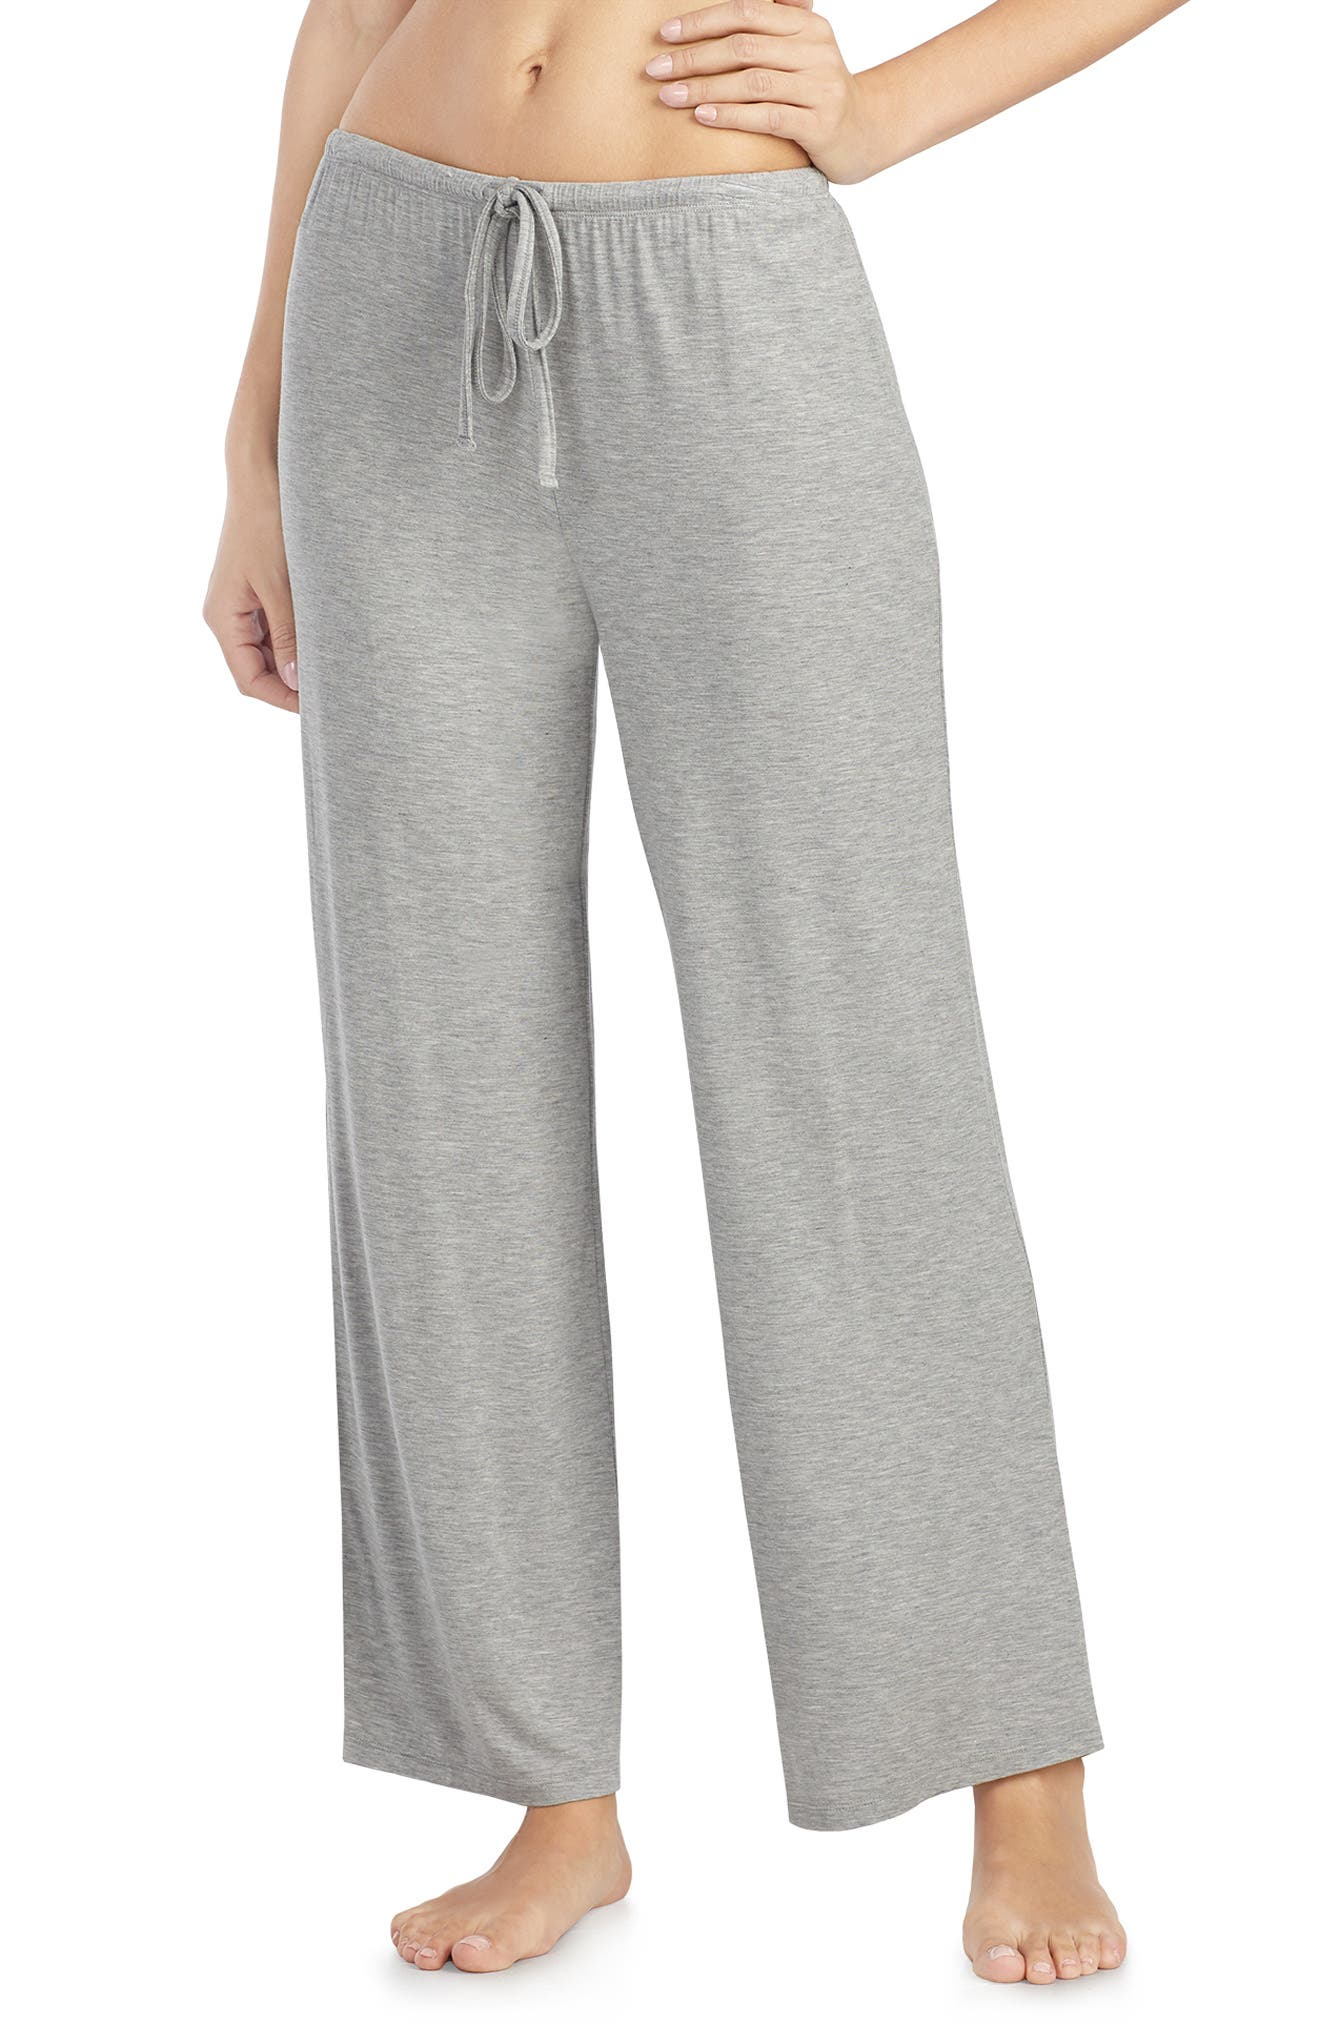 LAUREN RALPH LAUREN Pajama Pants, Main, color, GREY